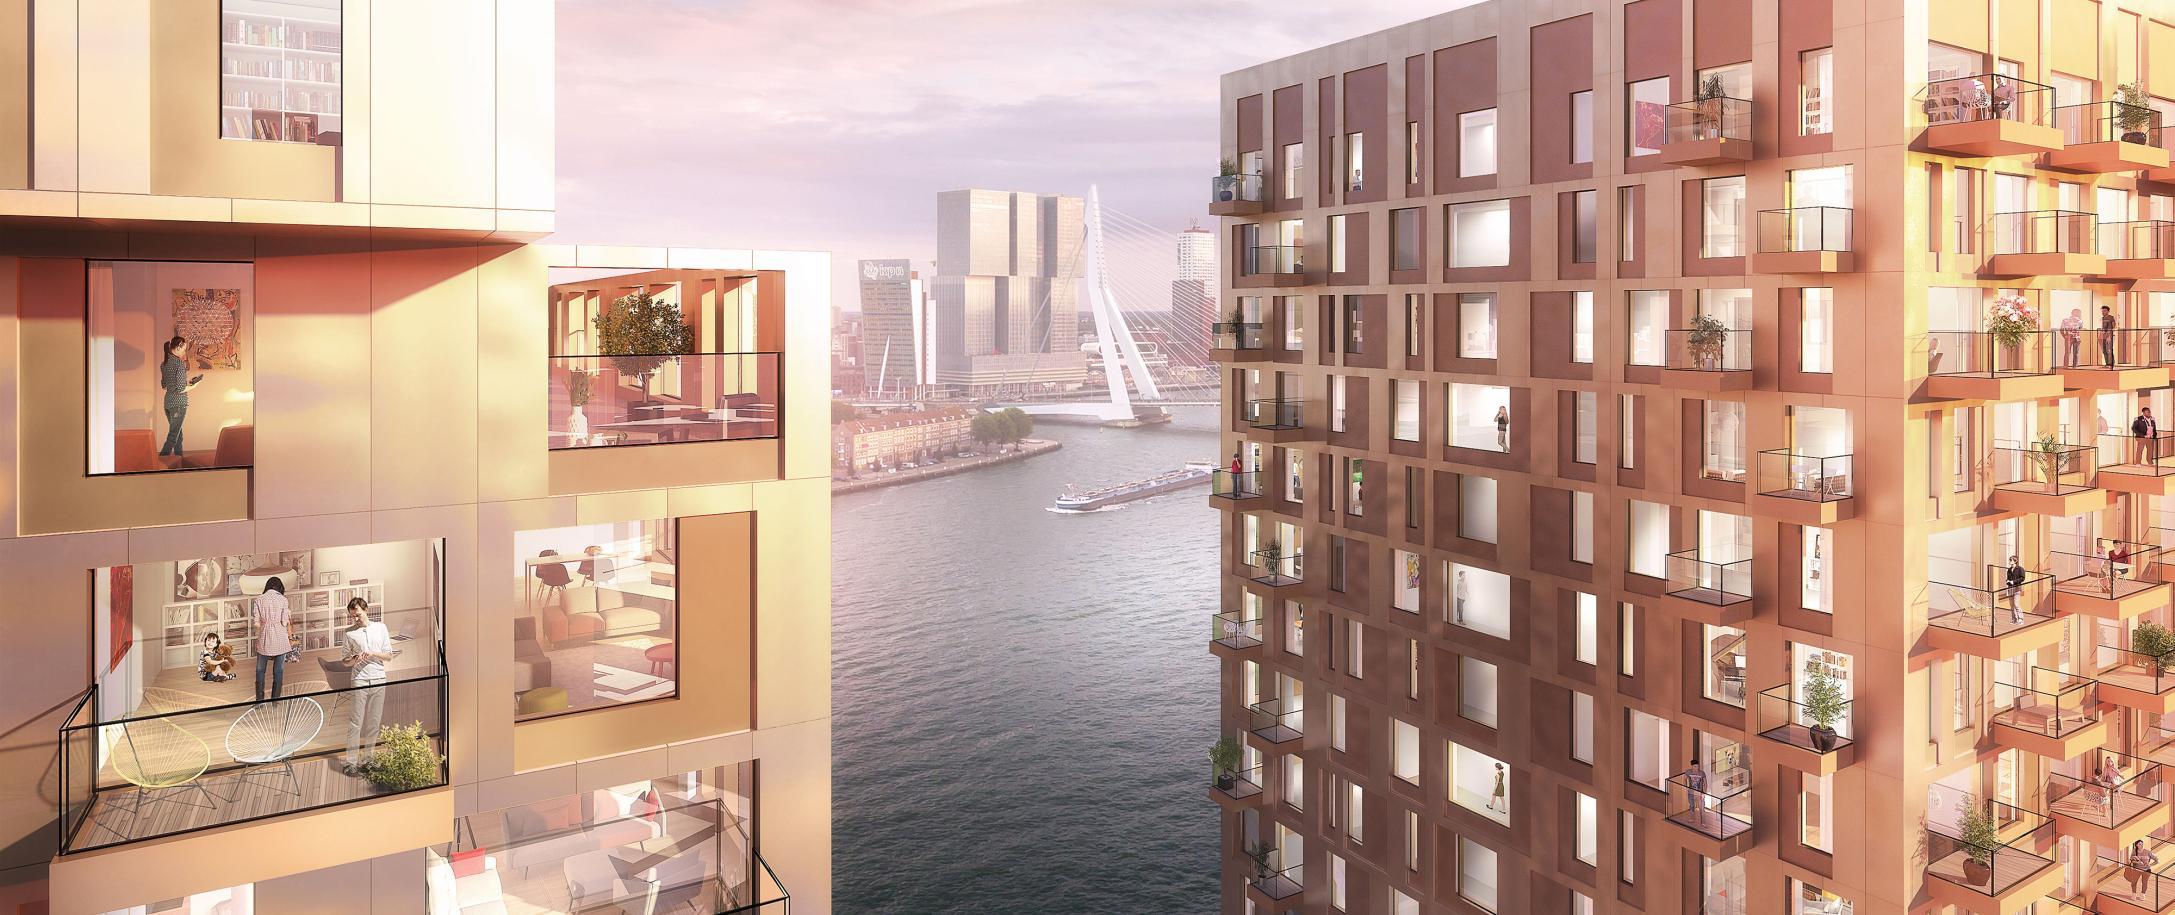 Appartementen Boompjes Rotterdam